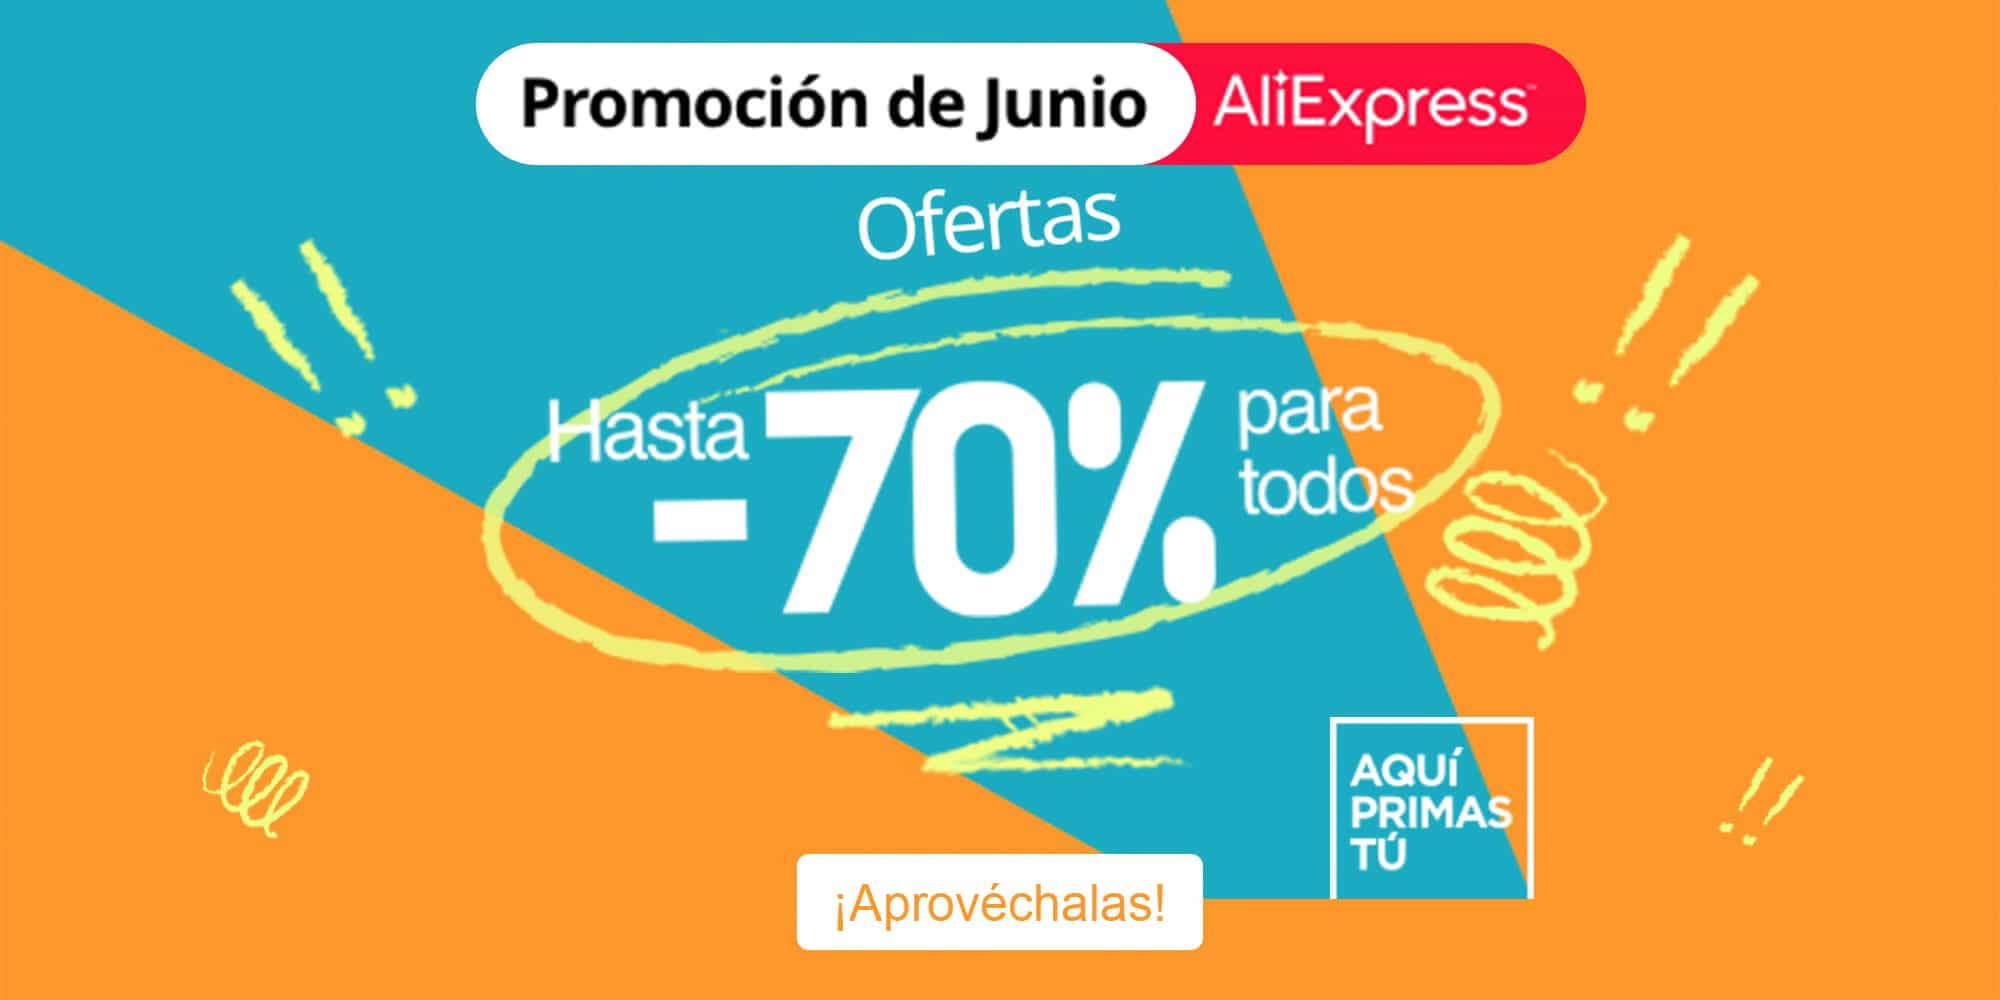 los mejores descuentos en la nueva promoción de AliExpress